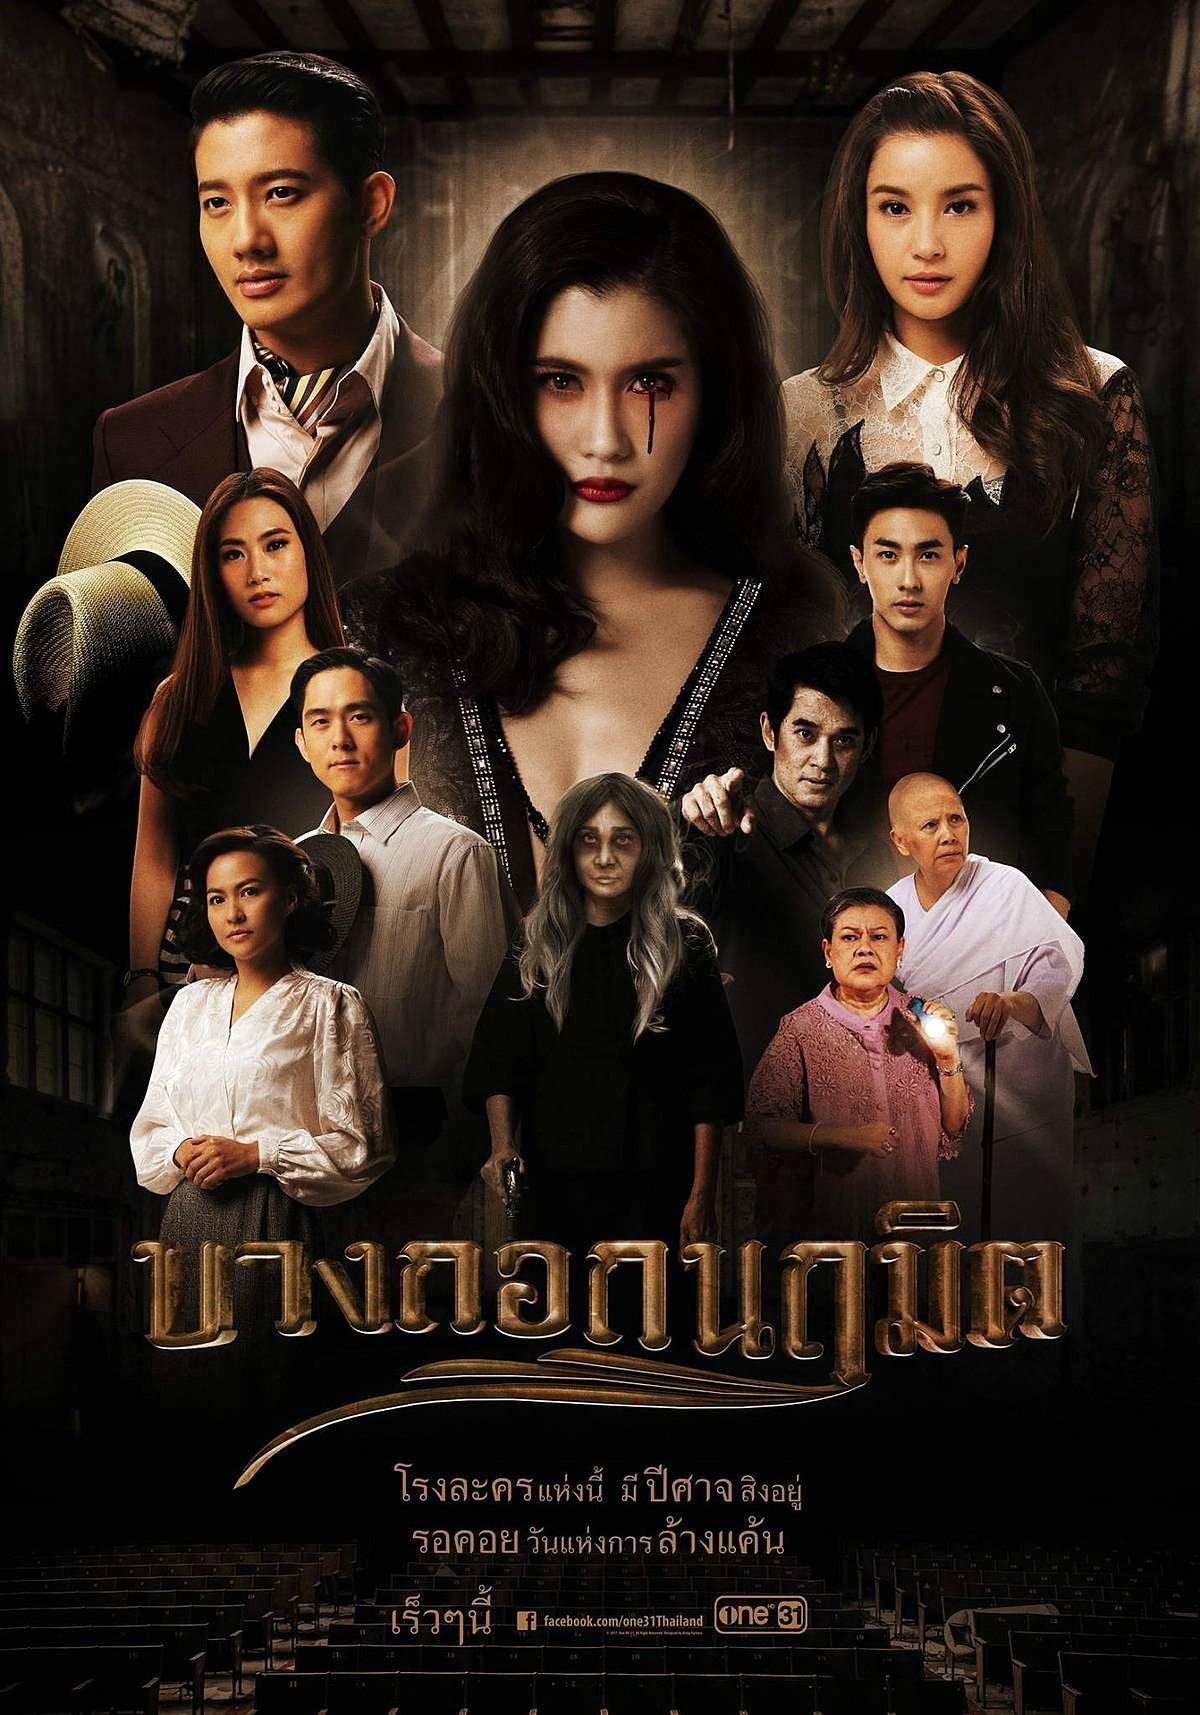 Бангкокский призрак (2018)